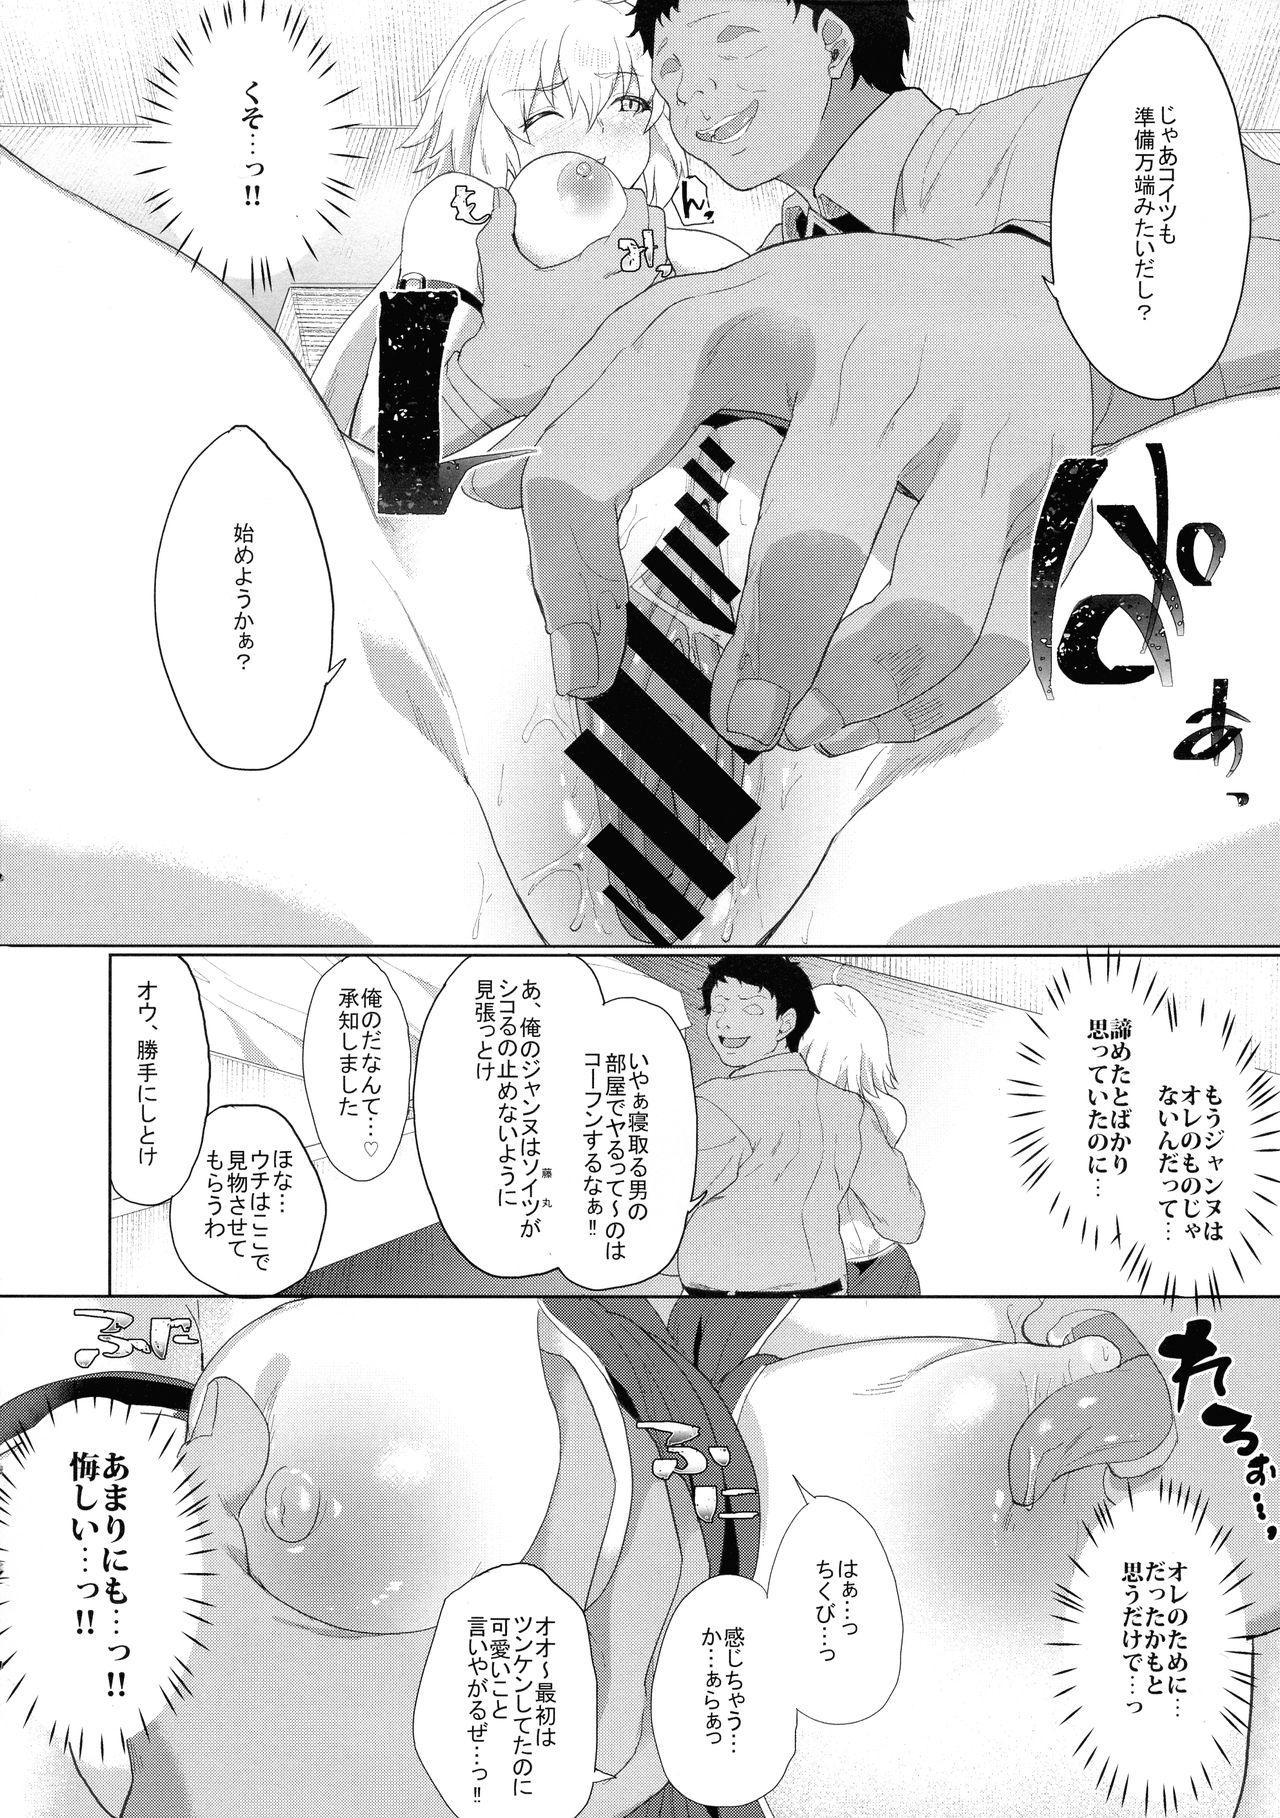 Ore to no Tokiyori Ureshi-sou ni Suru na yo 13